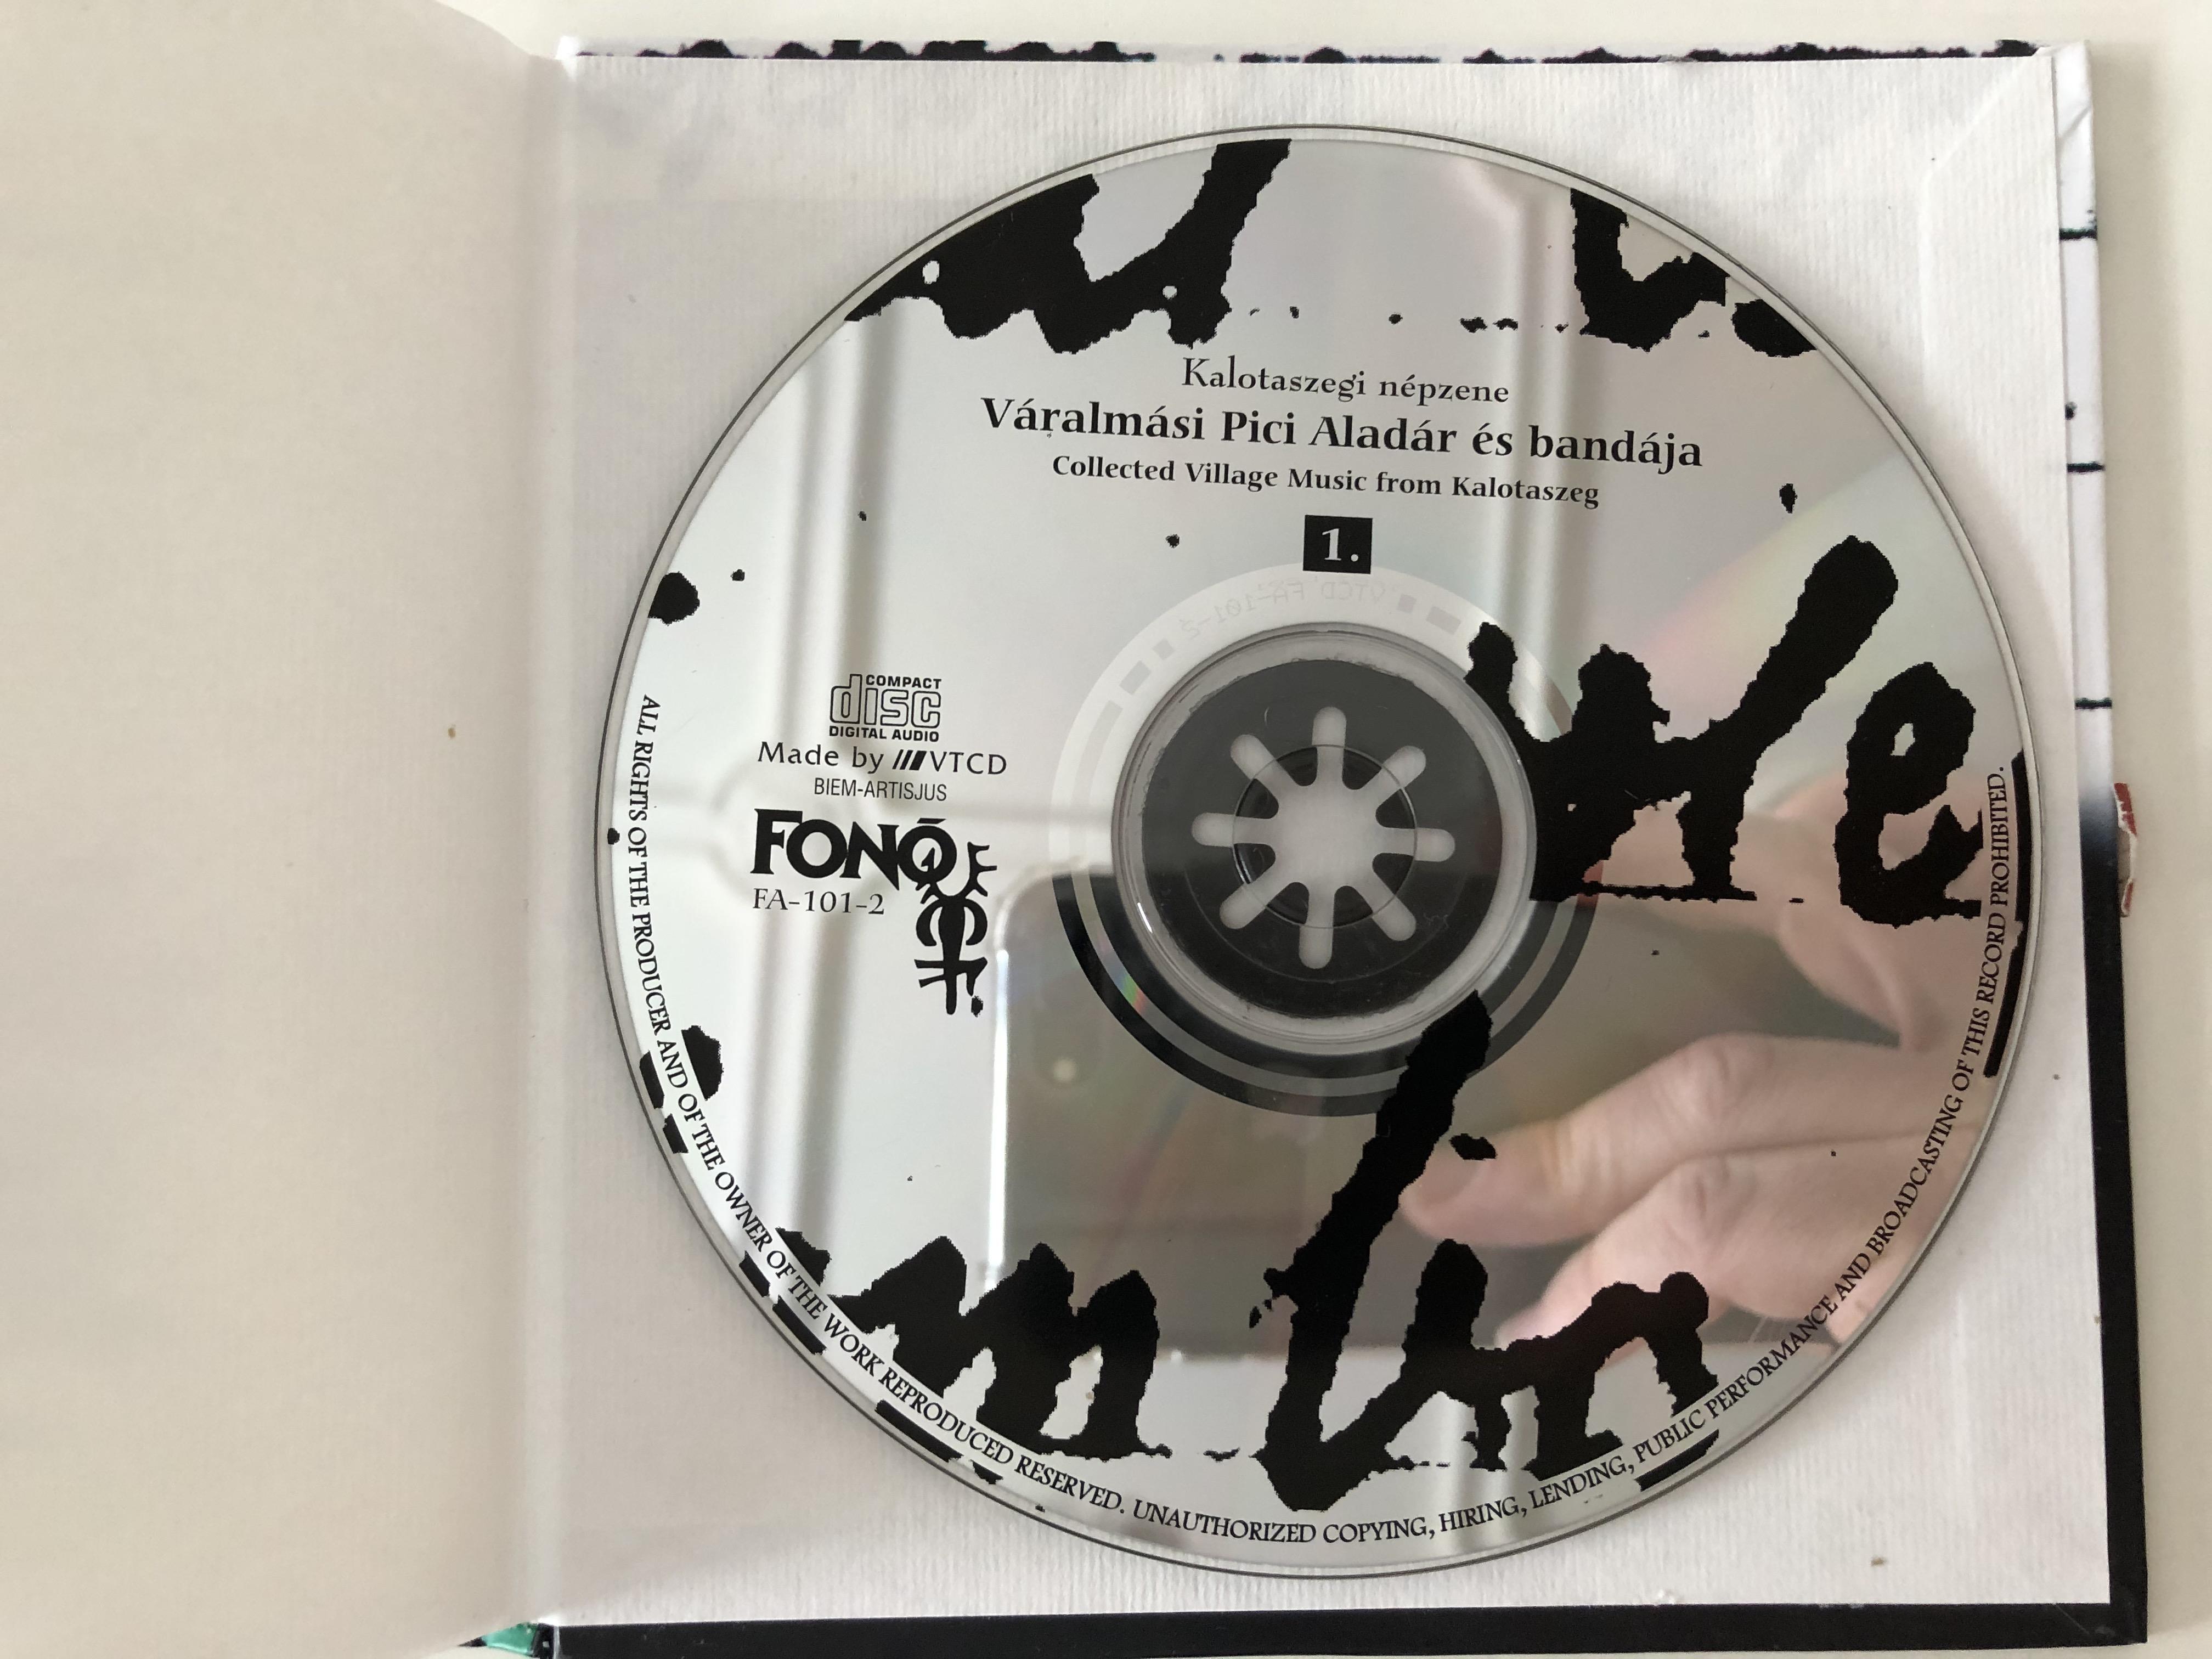 -j-p-tria-az-utols-ra-program-gy-jtem-ny-b-l-1997-1998-kalotaszegi-n-pzene-v-ralm-si-pici-alad-r-s-band-ja-collected-village-music-from-kalotaszeg-fon-records-audio-cd-1998-fa-1-17-.jpg